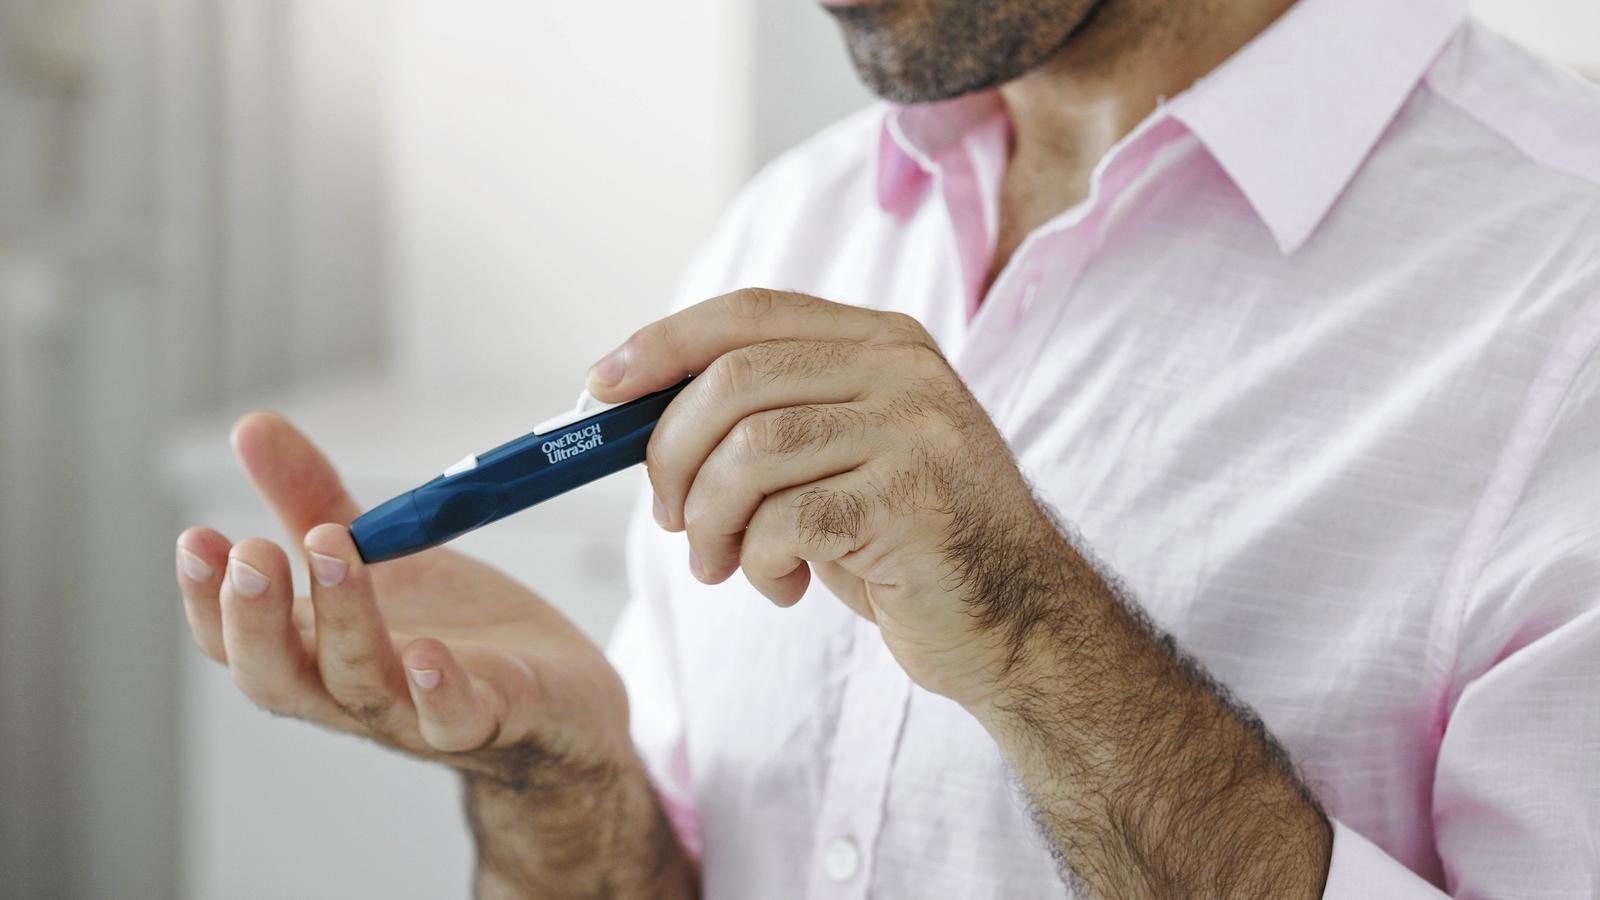 http://www.trbimg.com/img-5b476228/turbine/ct-diabetes-20180712/1600/1600x900